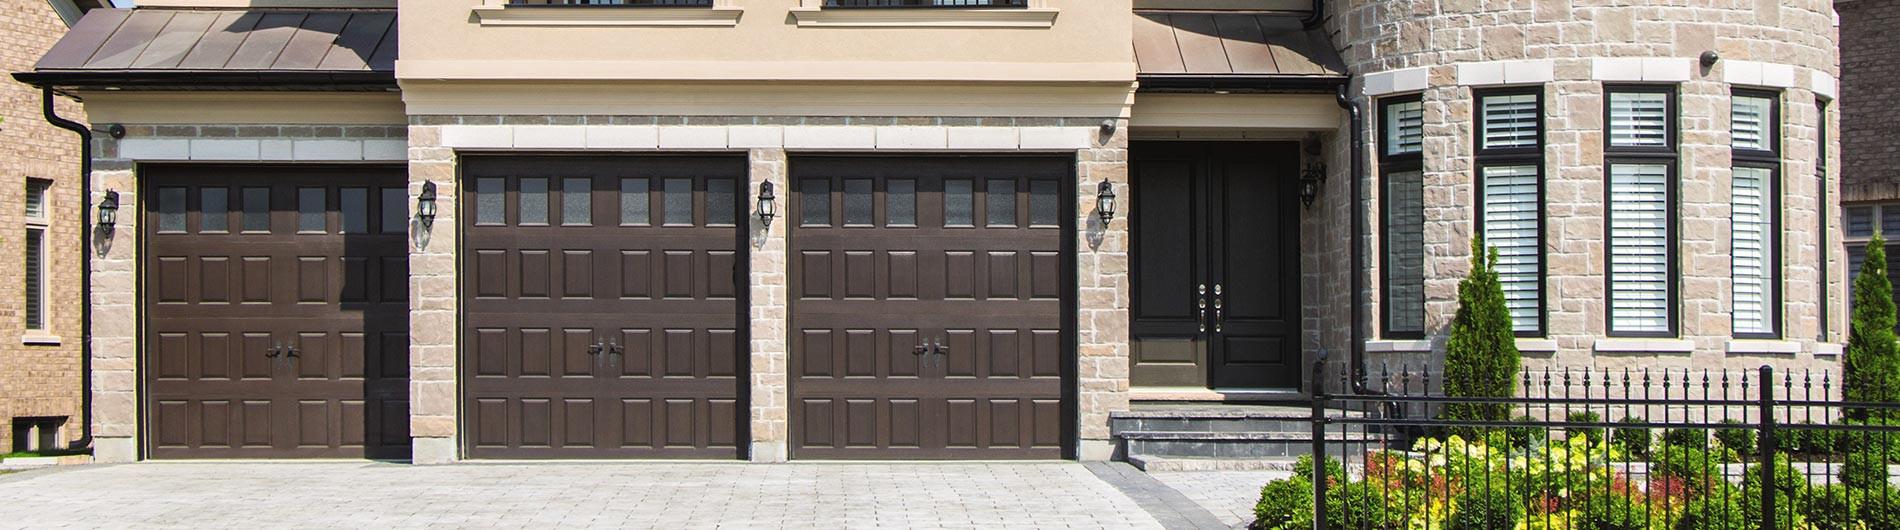 9800-Fiberglass-Garage-Door-Vert-Raised-